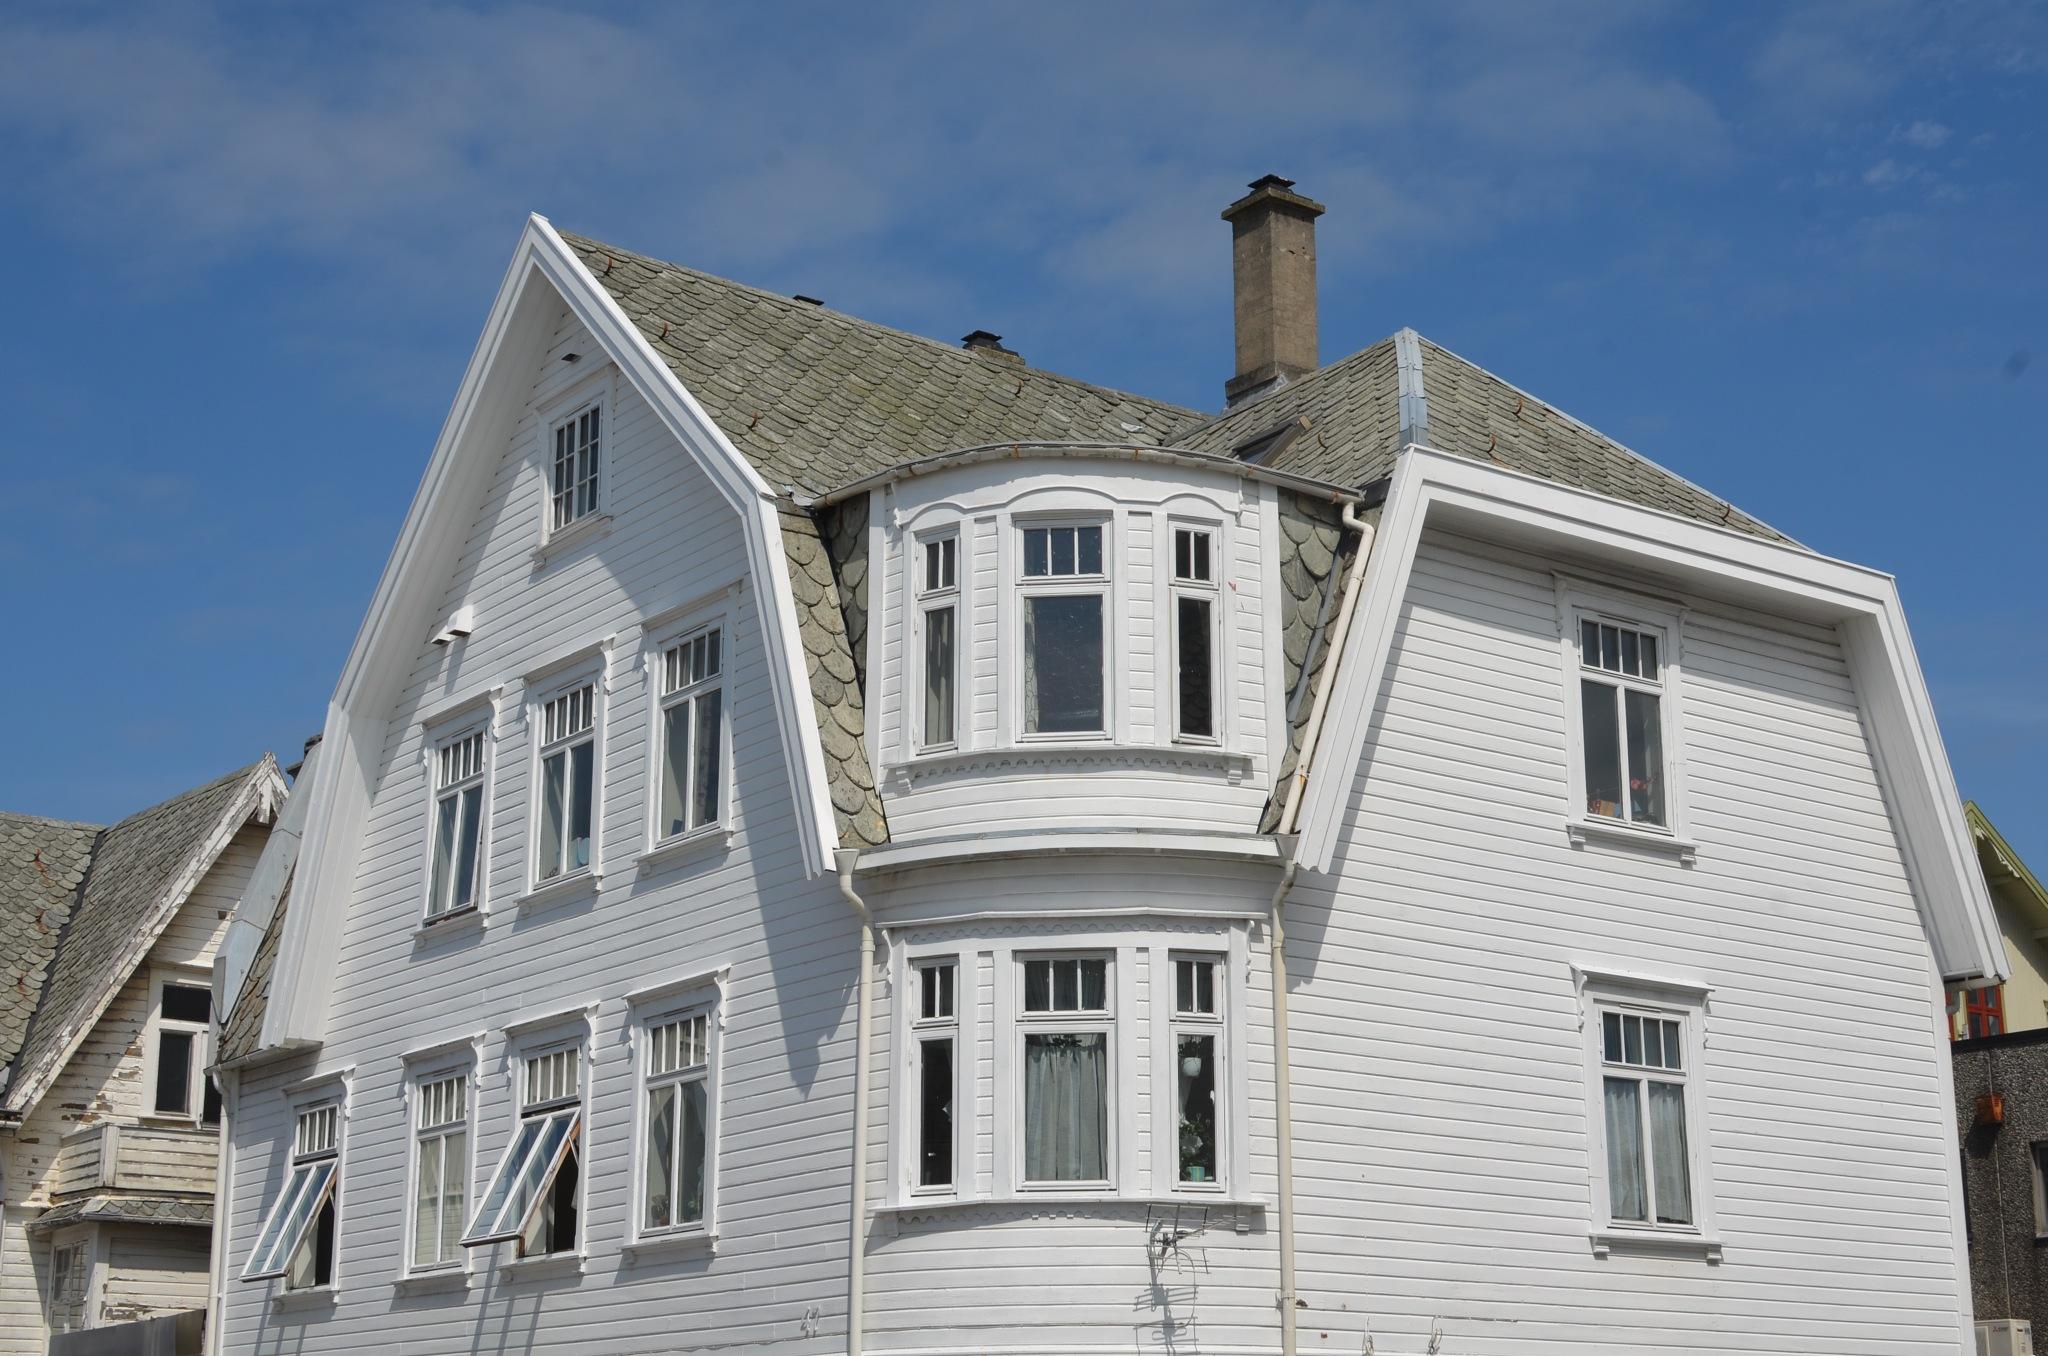 Architecture Haugesund 1.002 by Lars-Toralf Utnes Storstrand